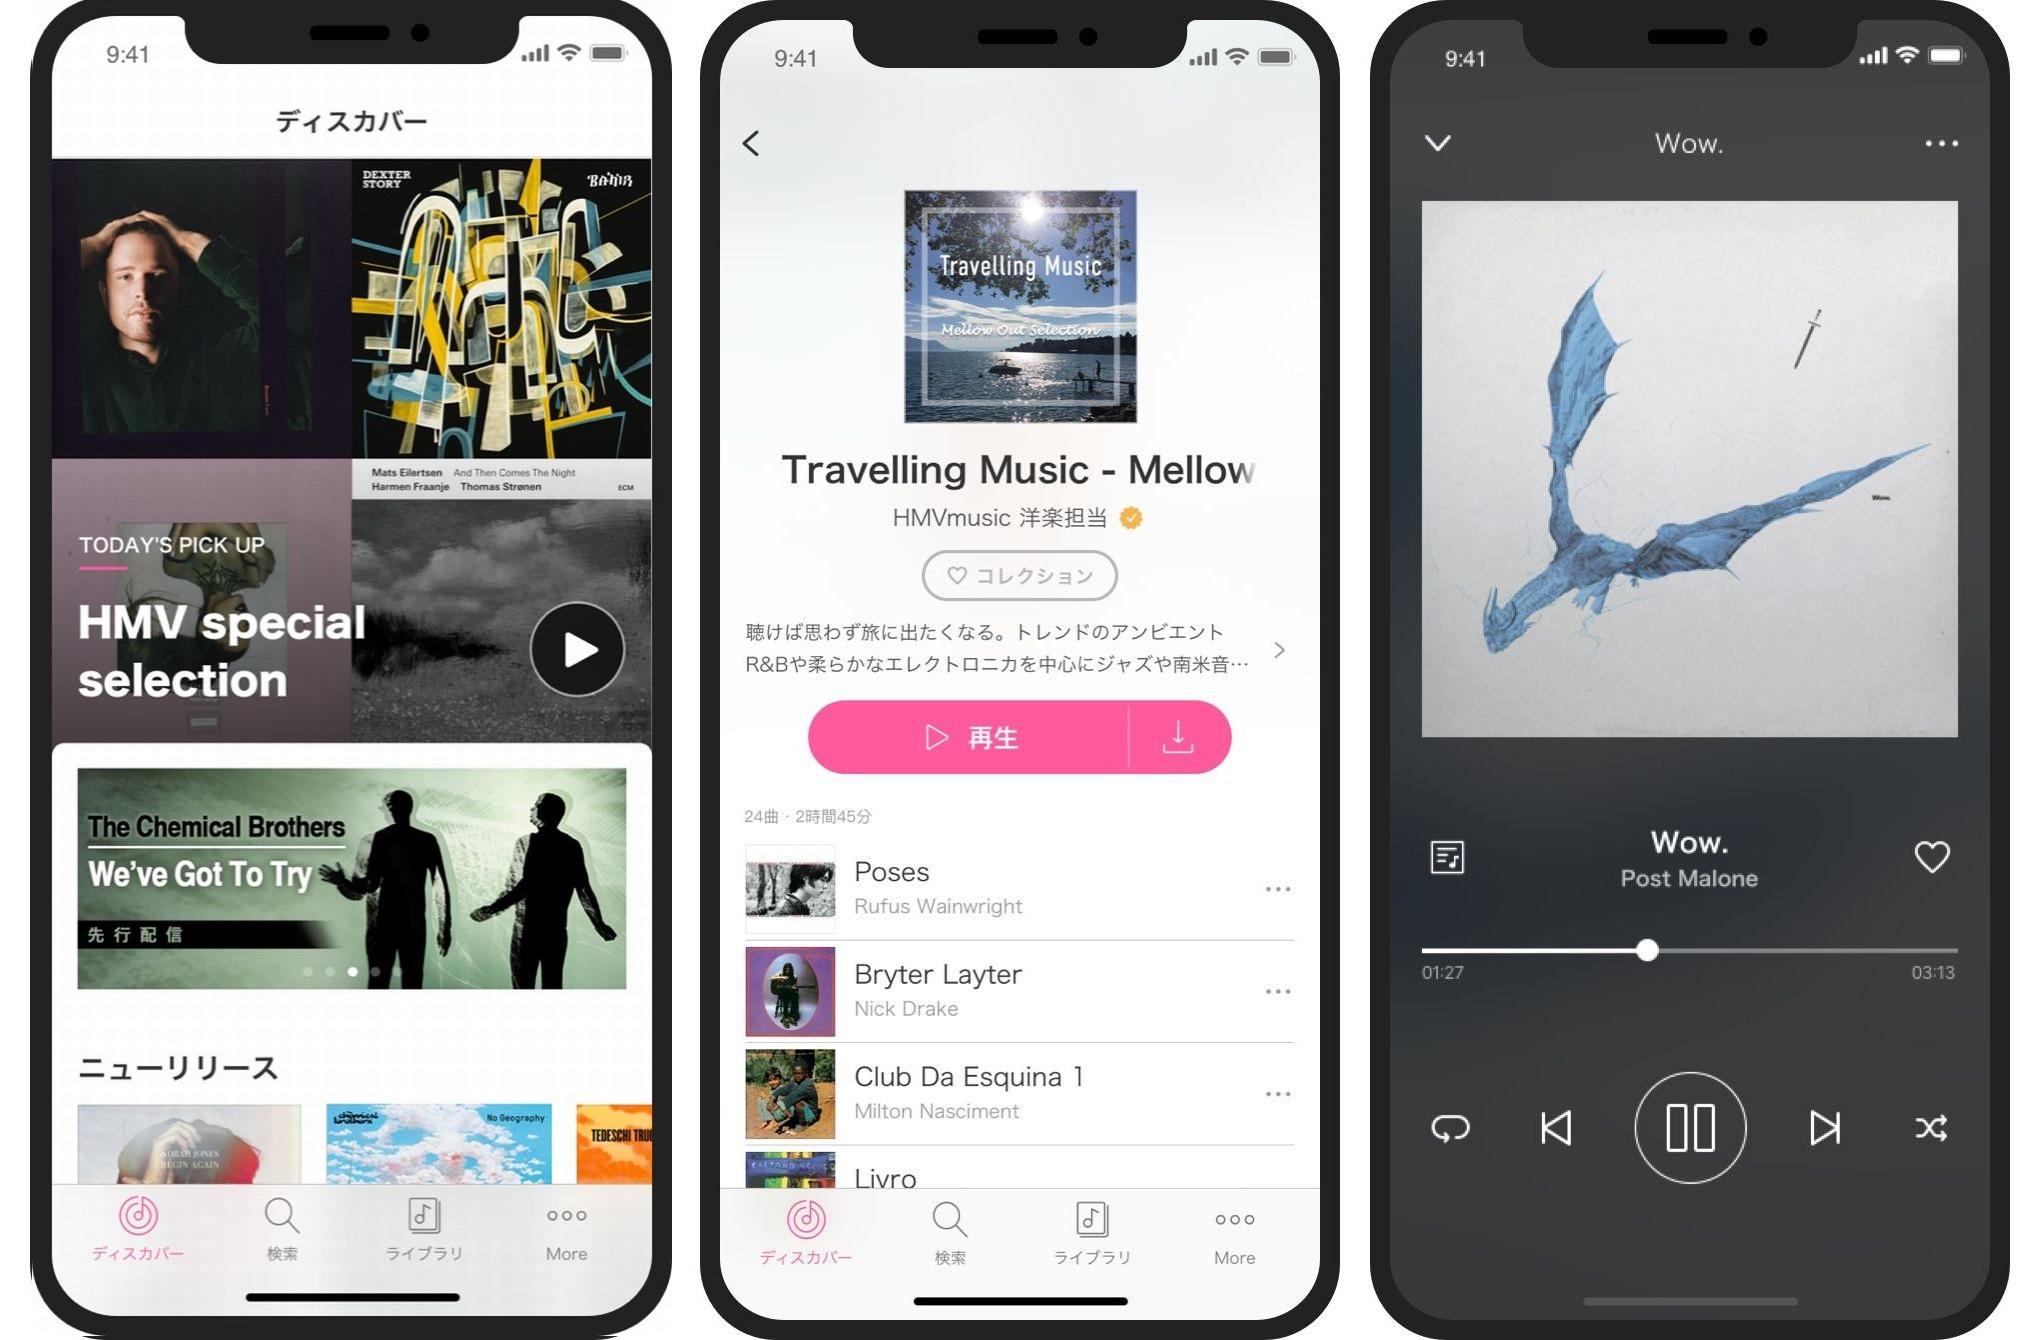 音楽専門店初の定額制音楽ストリーミングサービス『HMVmusic』がサービス開始